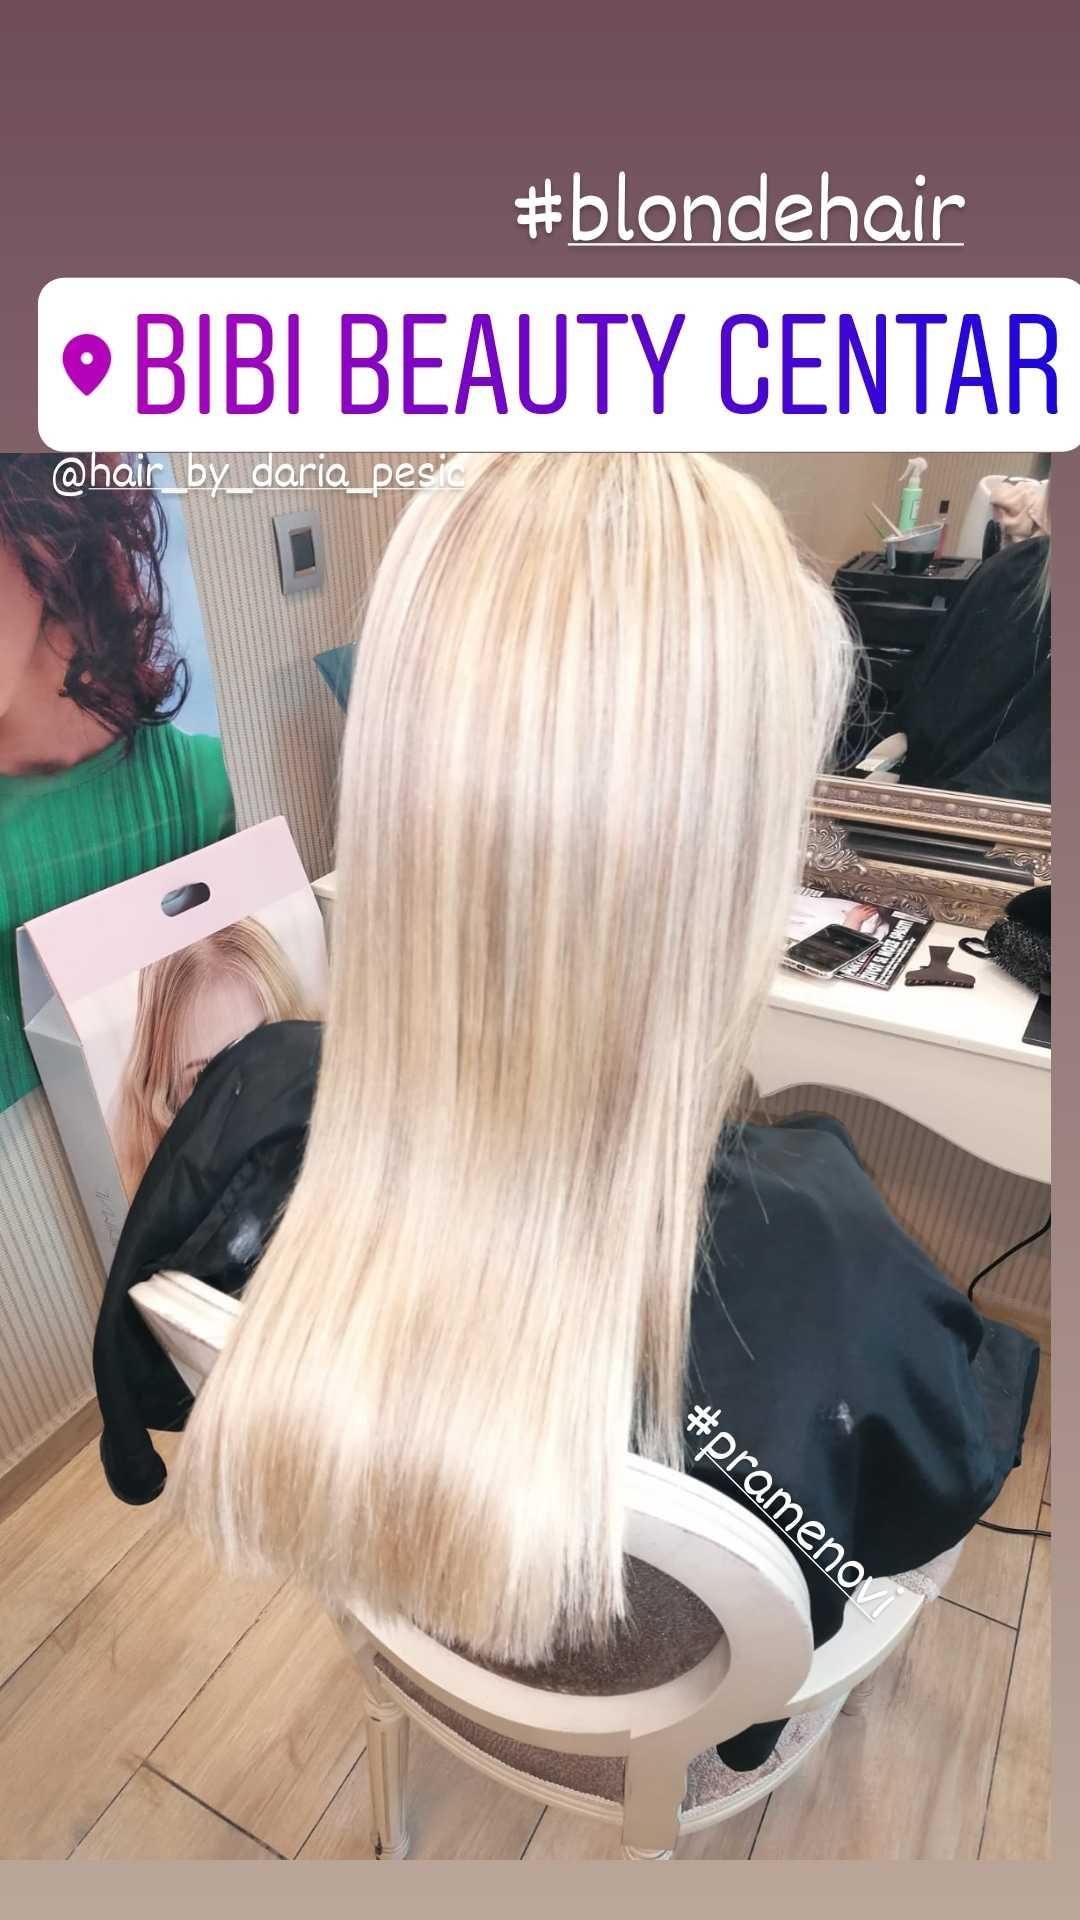 LookBook Bibi beauty centar Pramenovi na foliju u 1 / 2 boje / blanšem + preliv - kosa srednje dužine